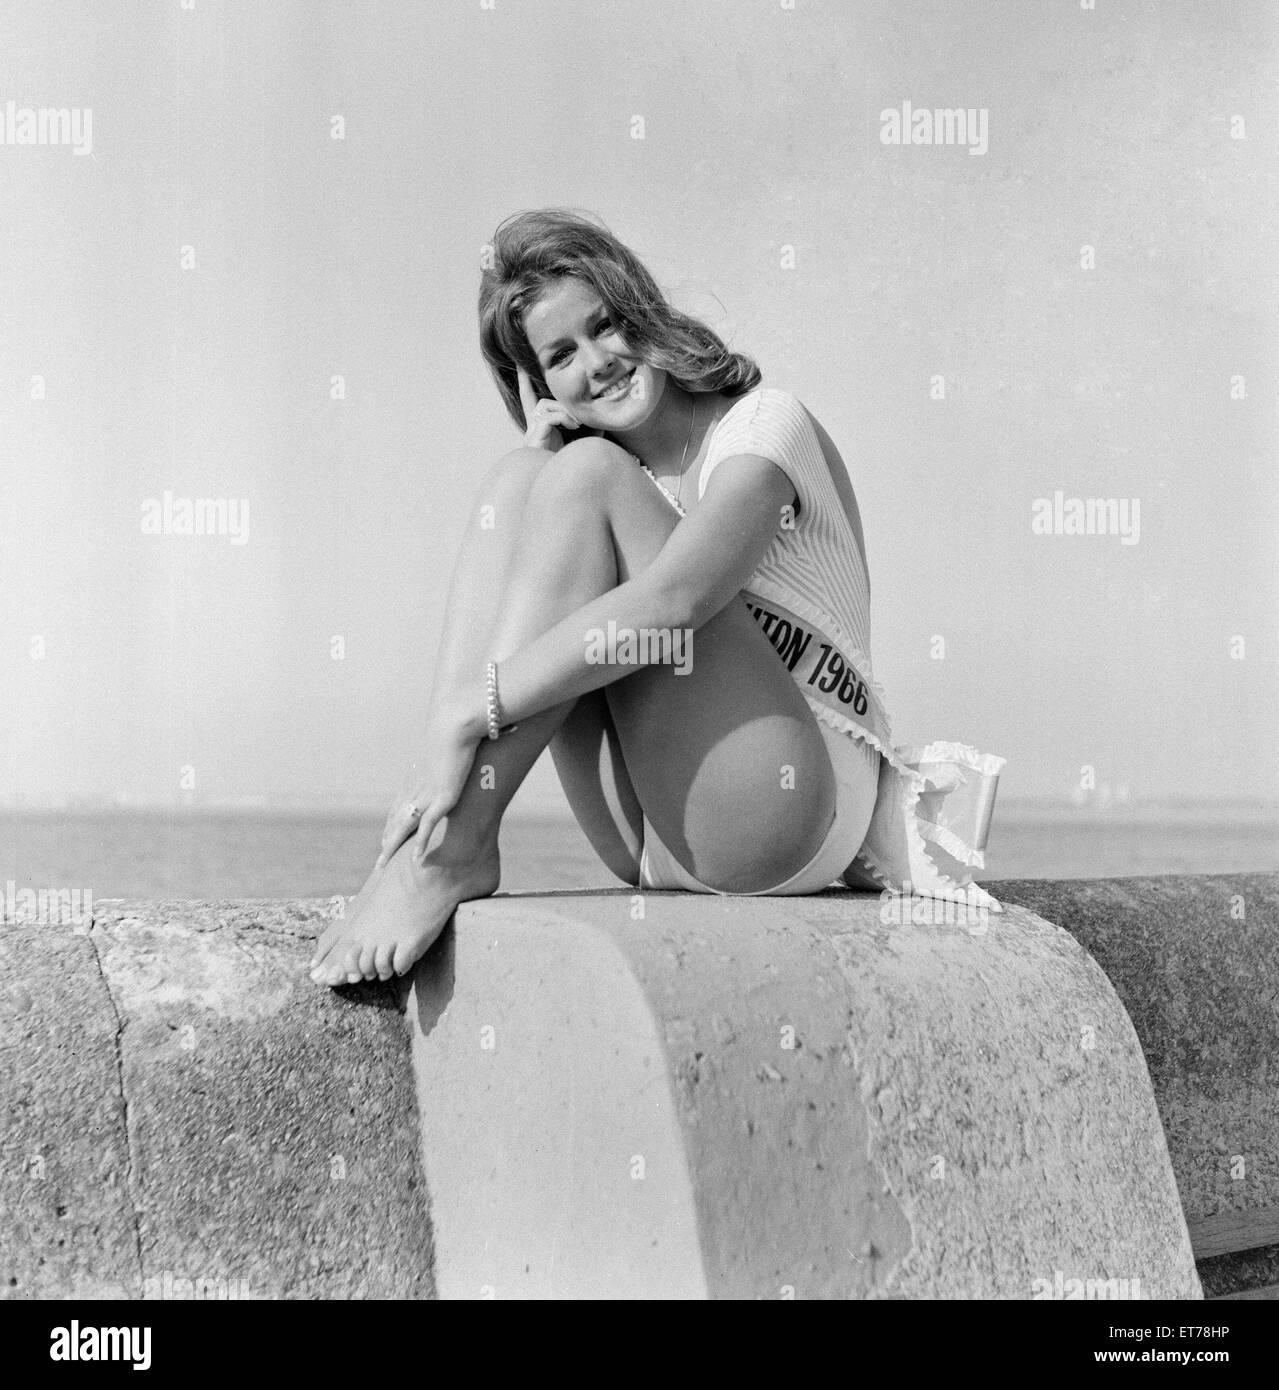 Carole Fletcher, 19 da Southport, incoronato Miss New Brighton, Cheshire, 24 agosto 1966. Immagini Stock